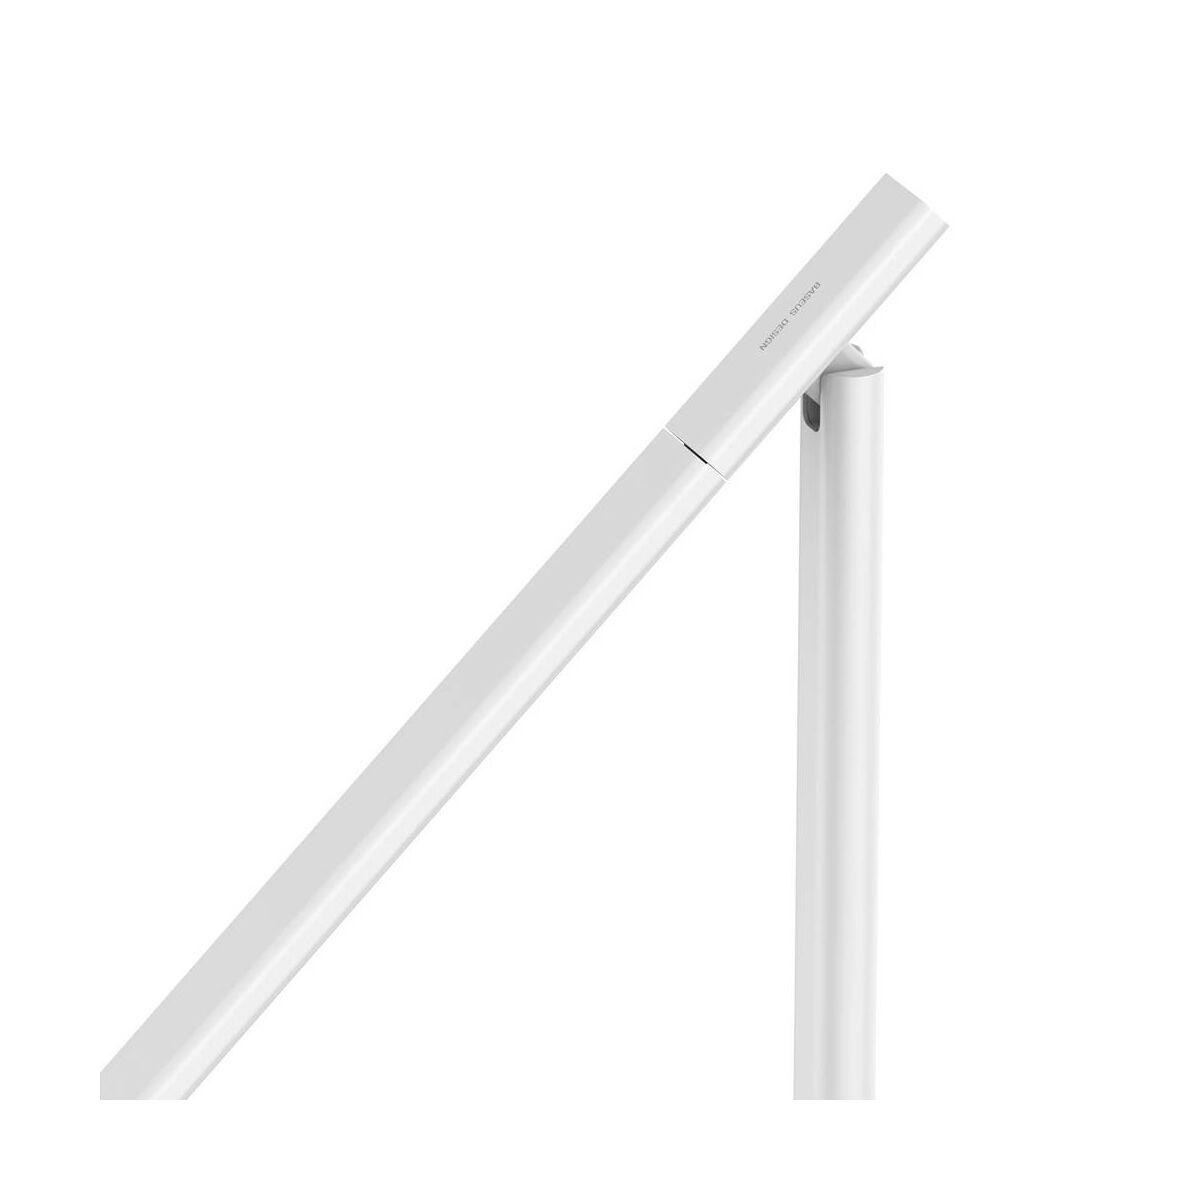 Baseus otthon, LED asztali lámpa vezeték nélküli töltővel, fehér (ACLT-B02)